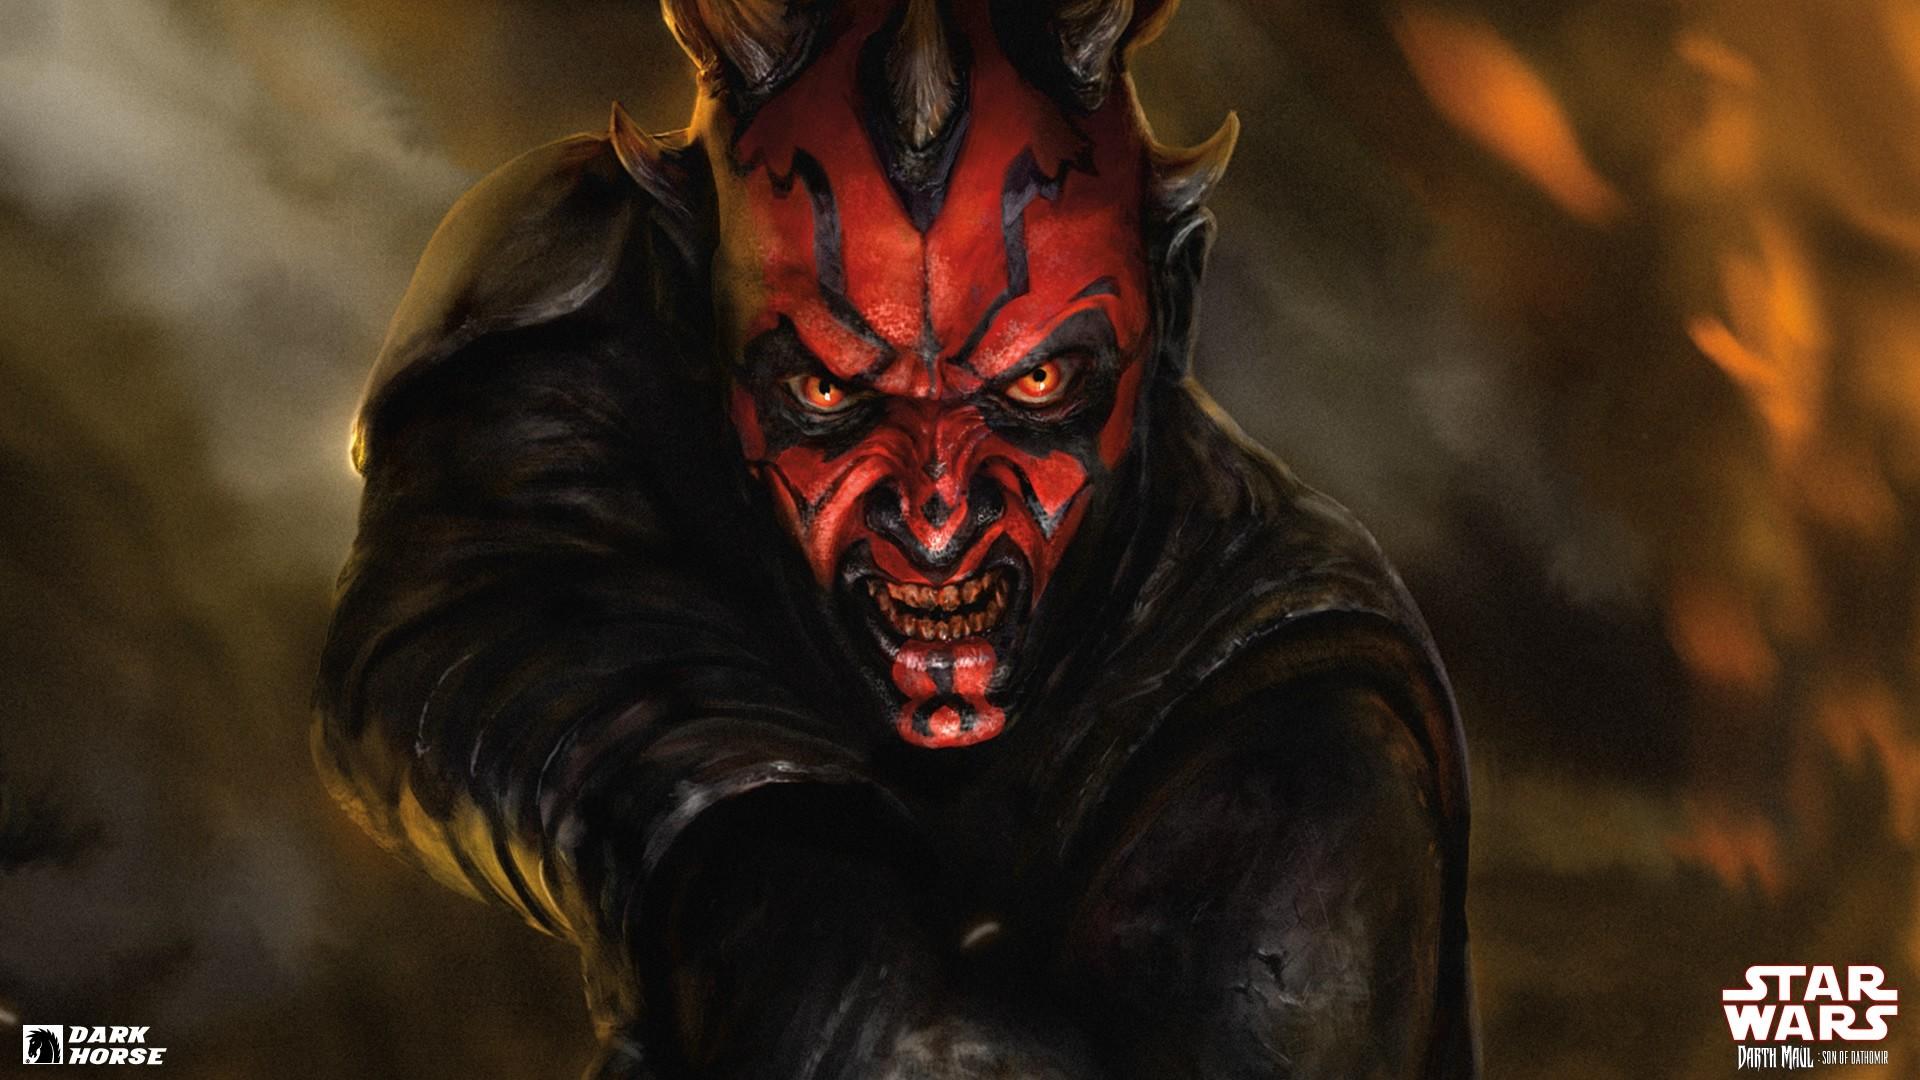 Comics – Star Wars Darth Maul Sith (Star Wars) Wallpaper